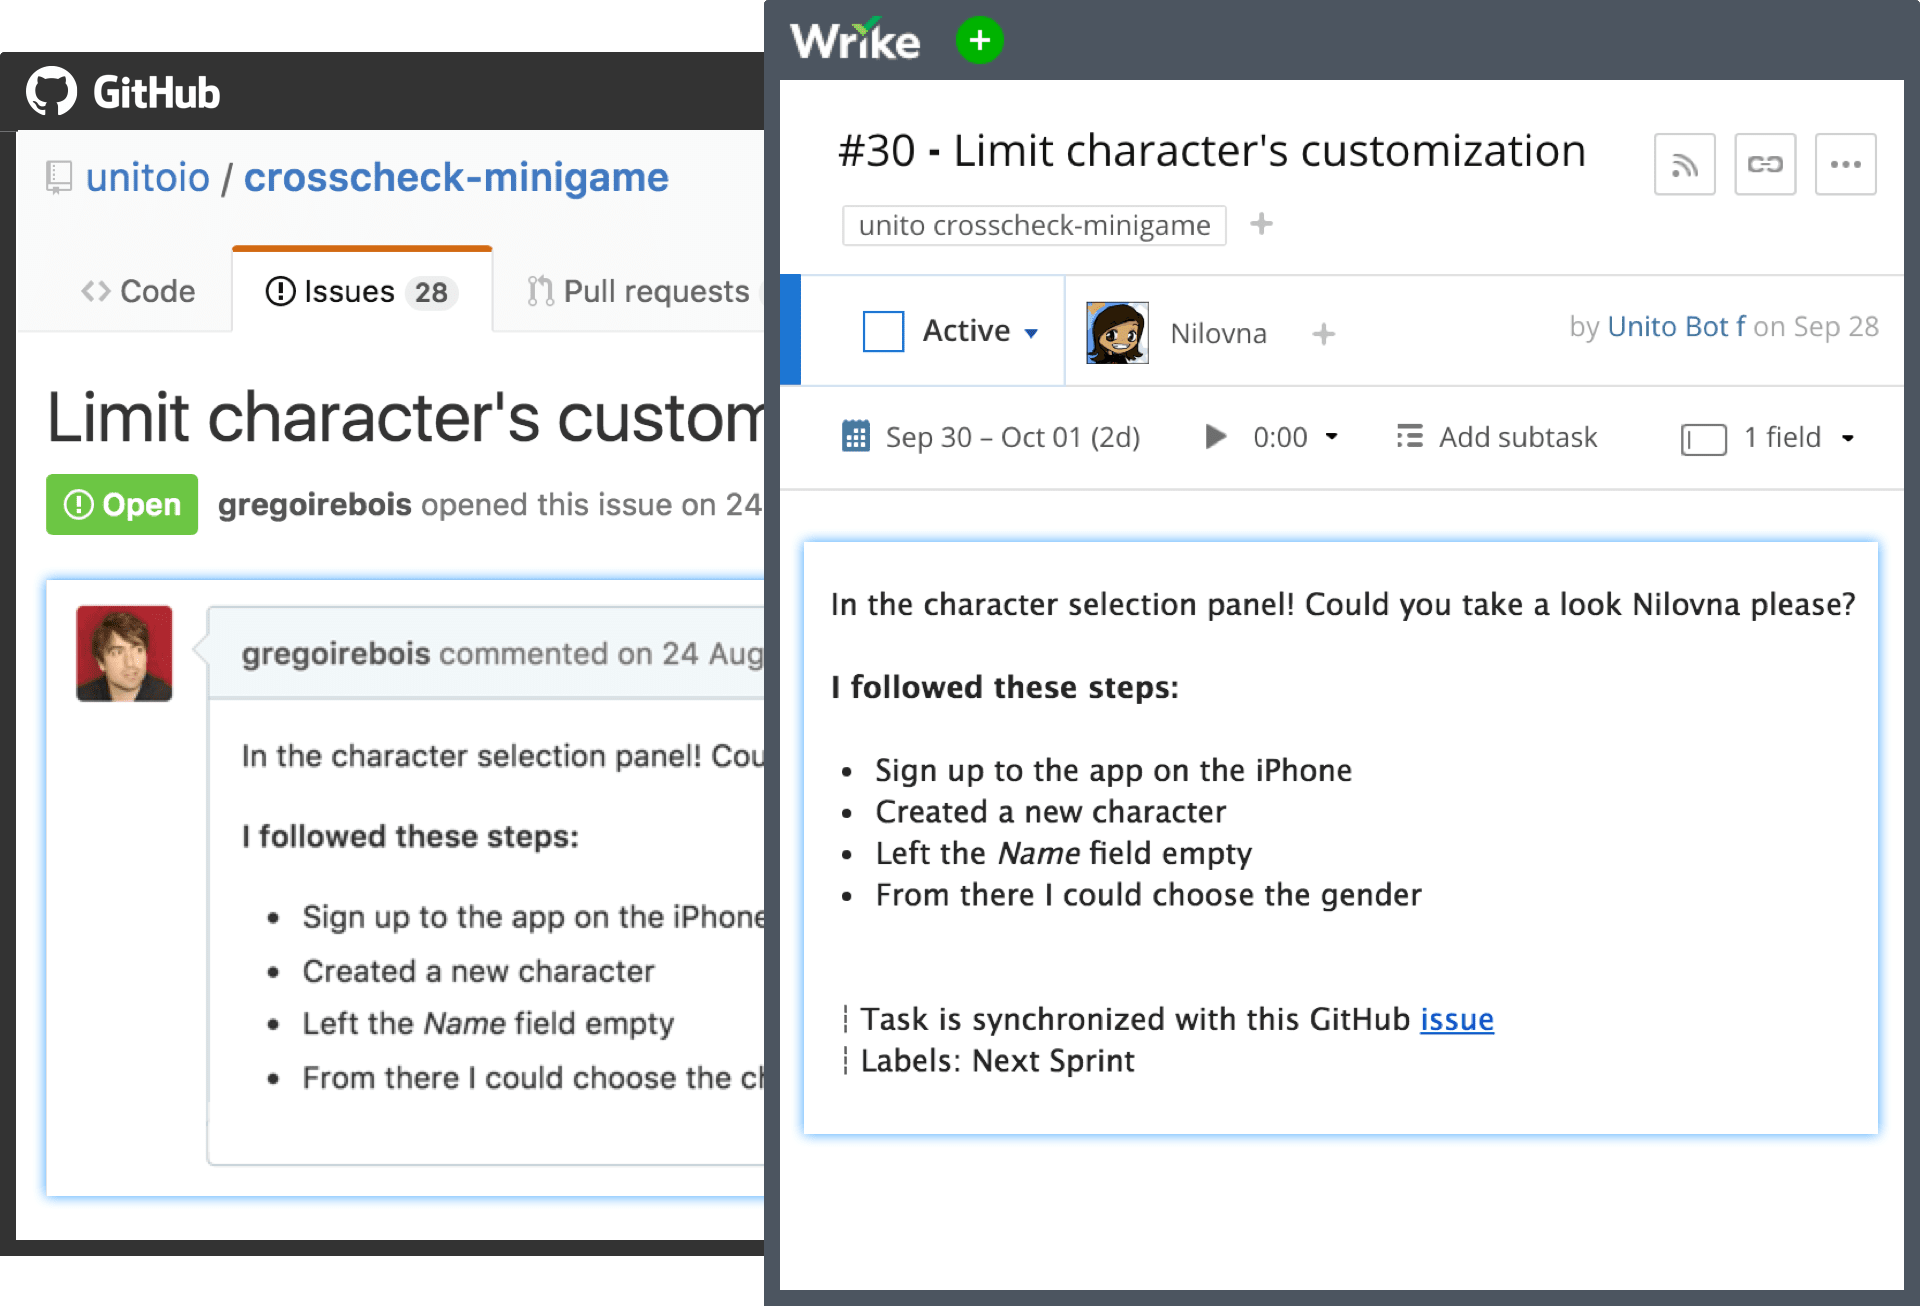 Wrike integration with GitHub